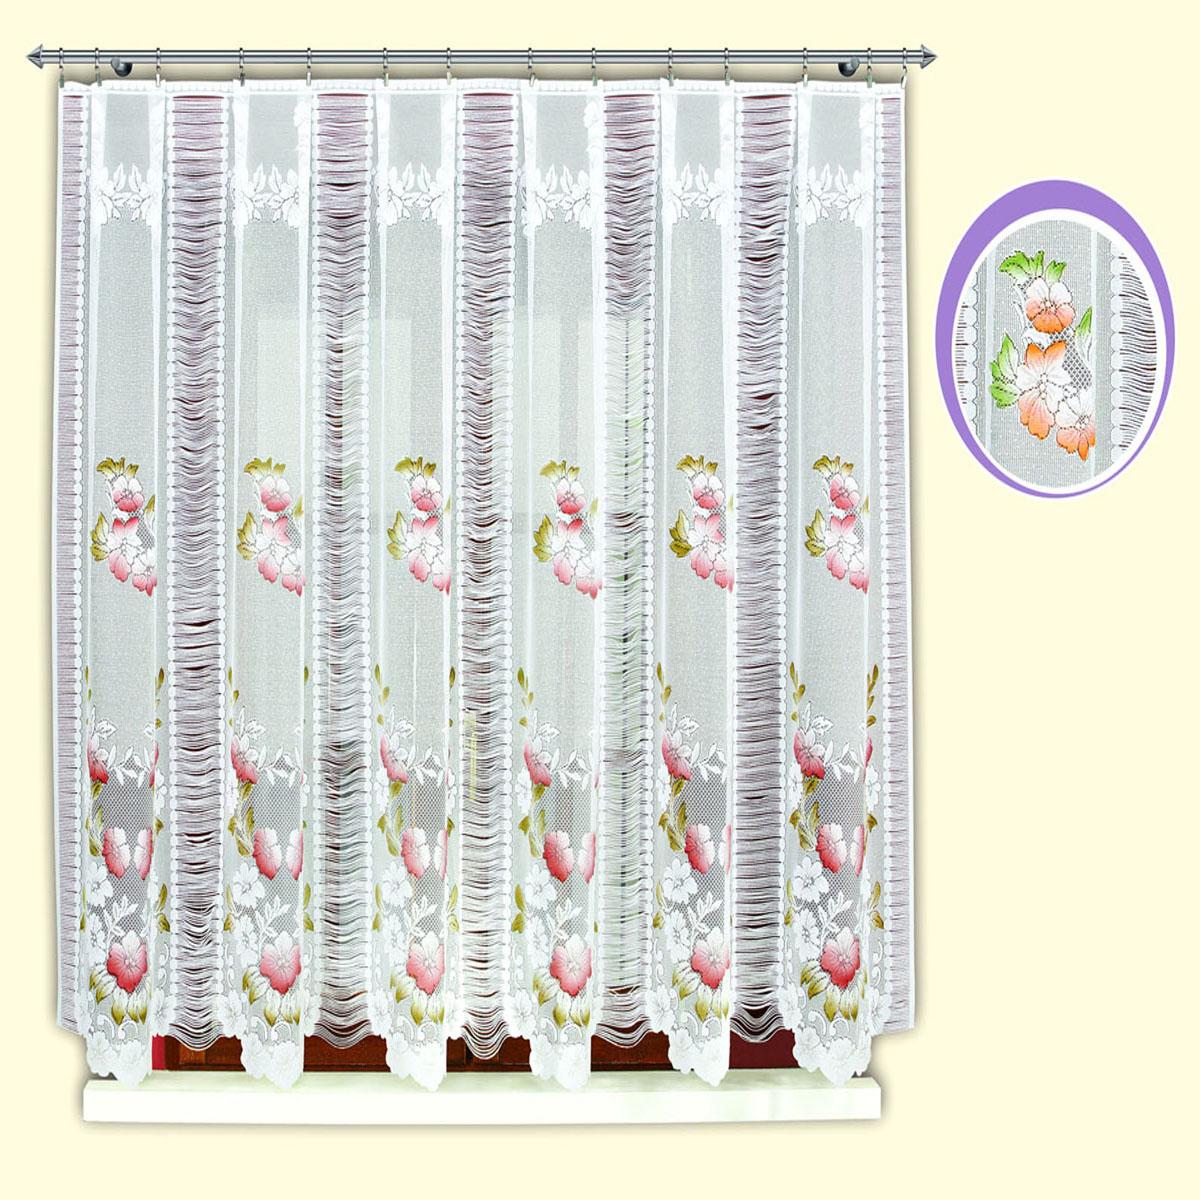 Гардина Haft, цвет: бордо, ширина 300 см, высота 150 см. 42120/15042120/150Жаккардовая гардина в кухню белого цвета с цветным рисунком бордовых цветов и нитяным чередующимся компонентом Размеры: высота 150см*ширина 300см